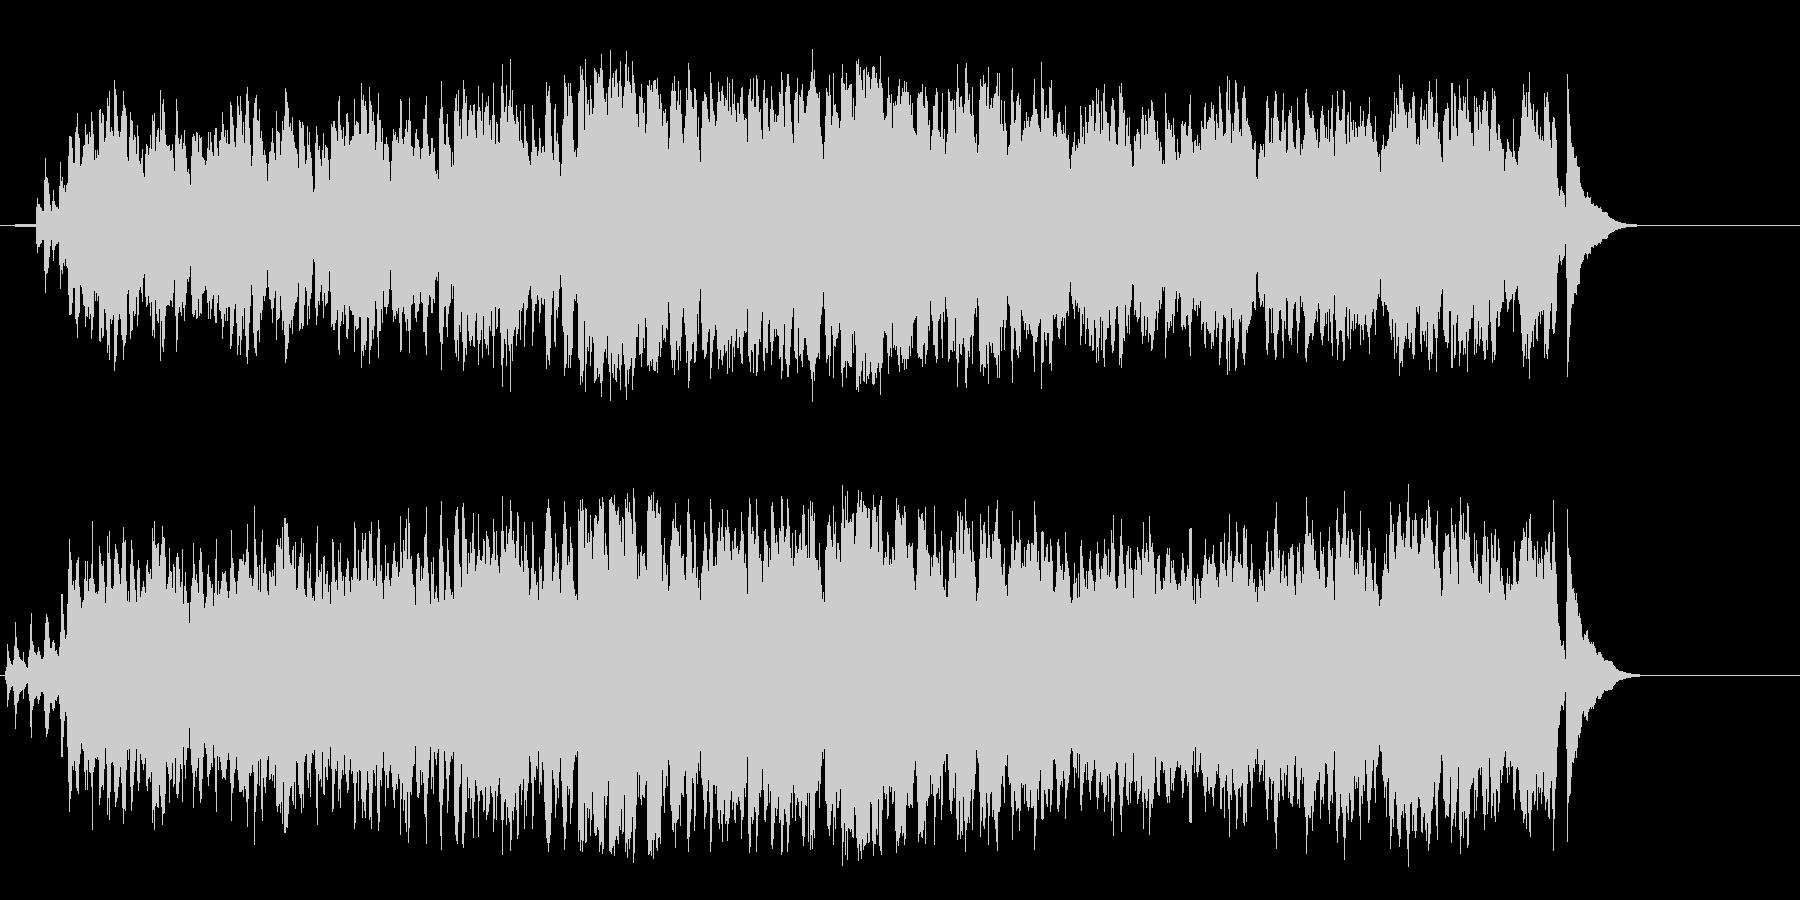 白銀のアルプスの爽やかなワールド音楽の未再生の波形